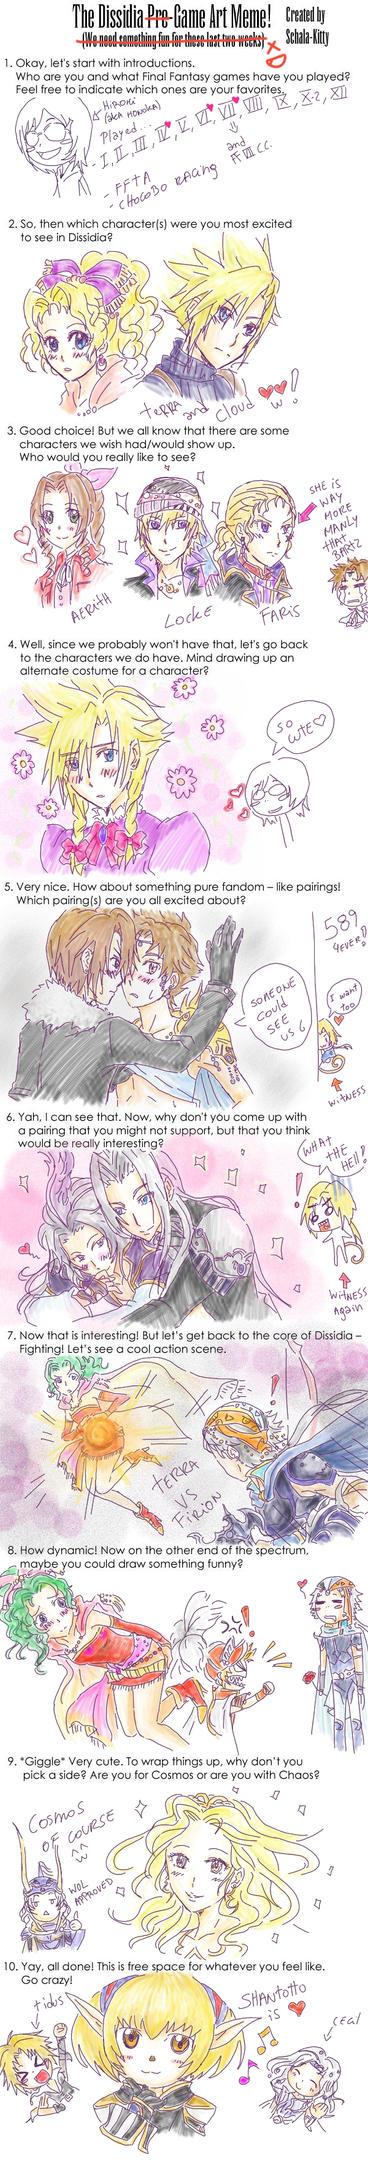 Meme Final Fantasy Dissidia by Honoka